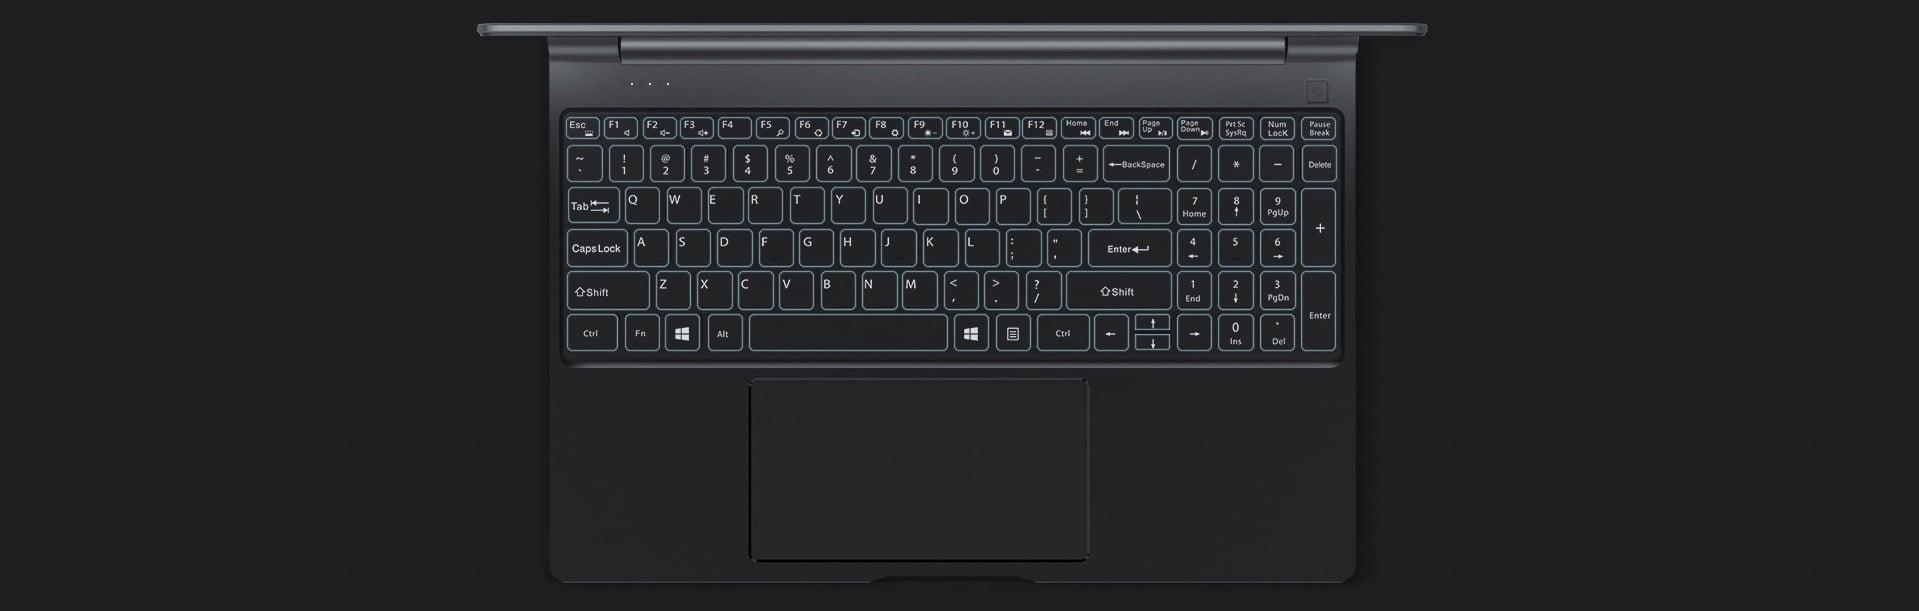 Teclast nie zawodzi - Teclast F15 to kolejny laptop tej marki, którego zakup może być dobrą inwestycją 20